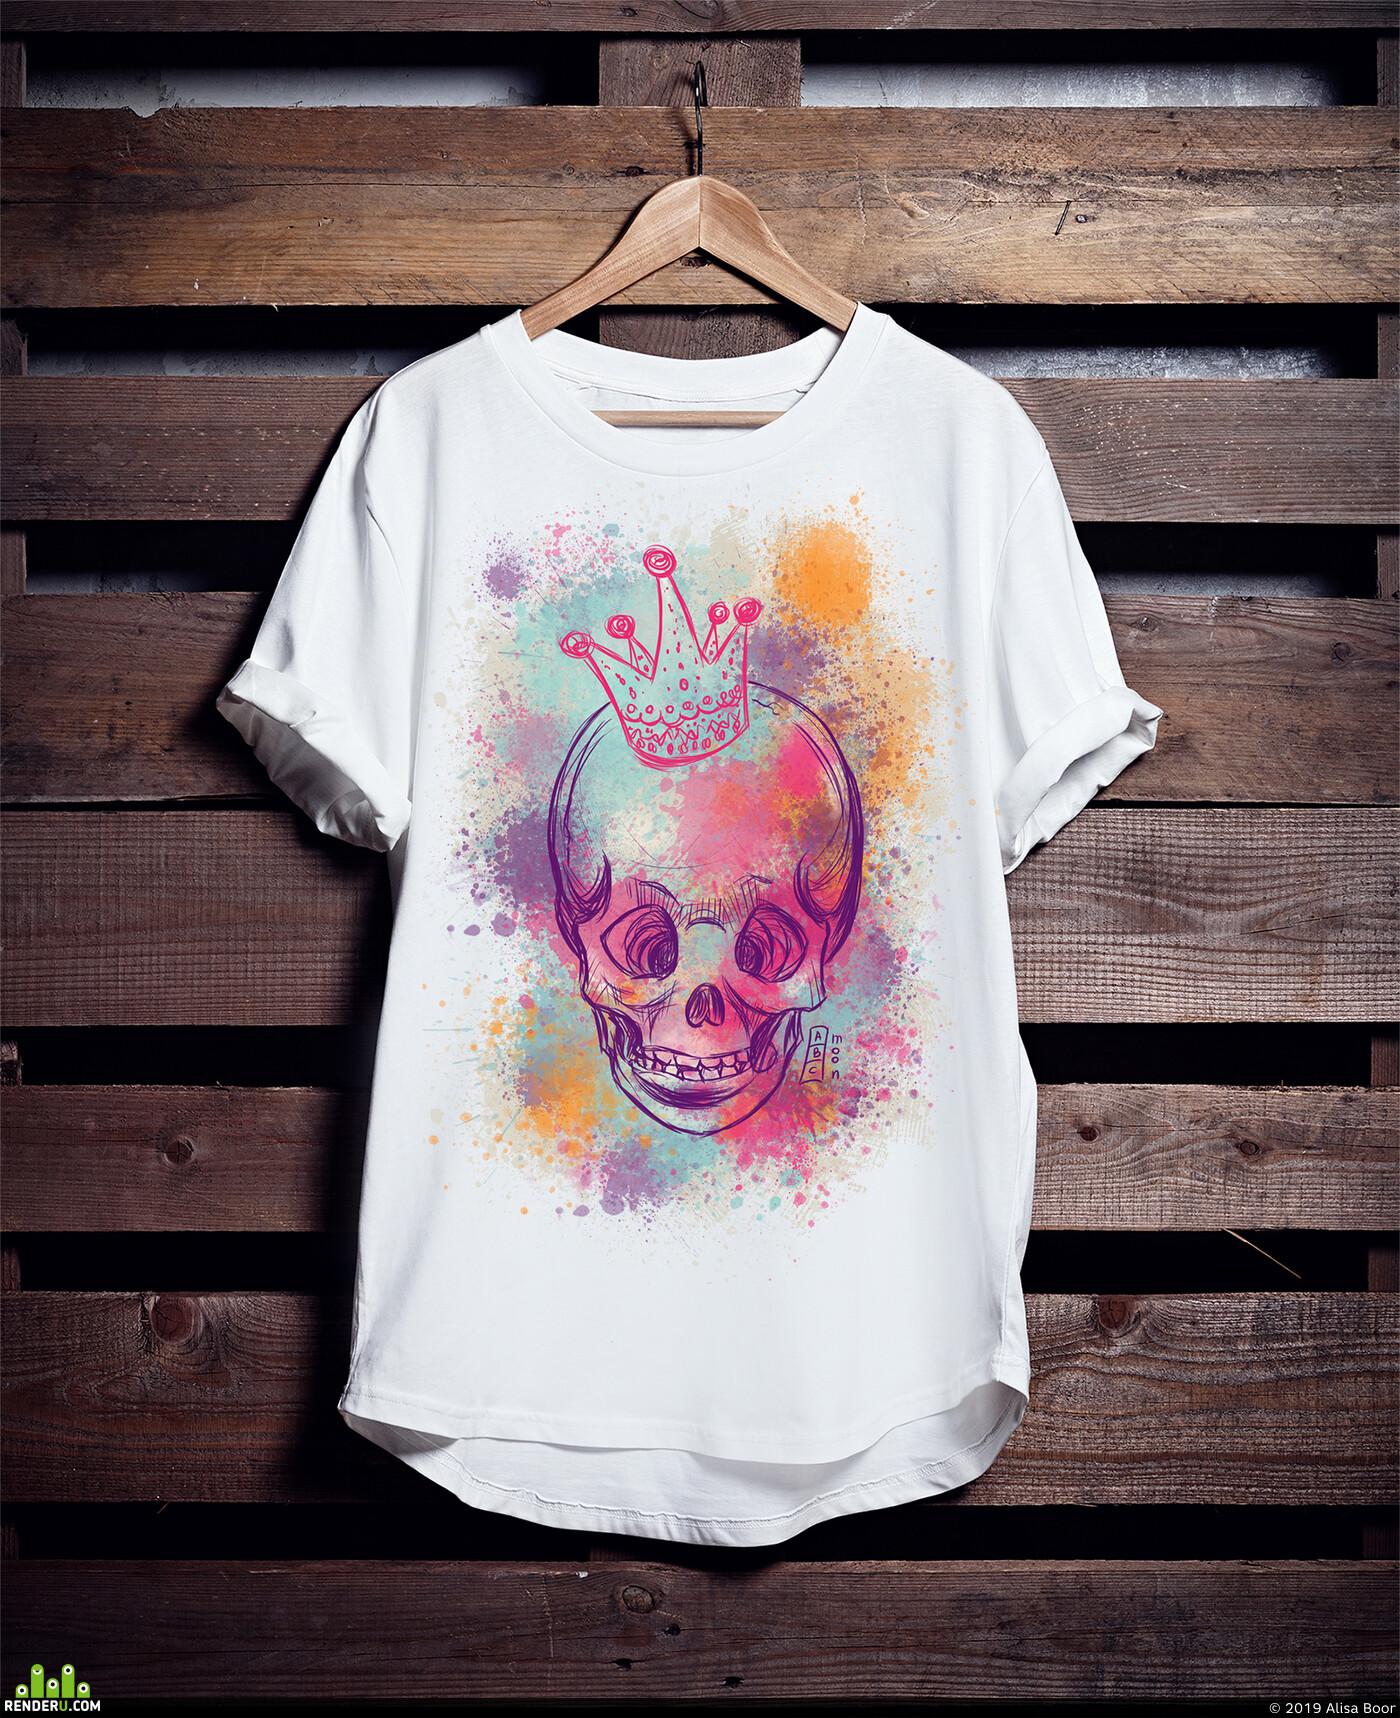 cartoons, cartooncharacter, T-shirt